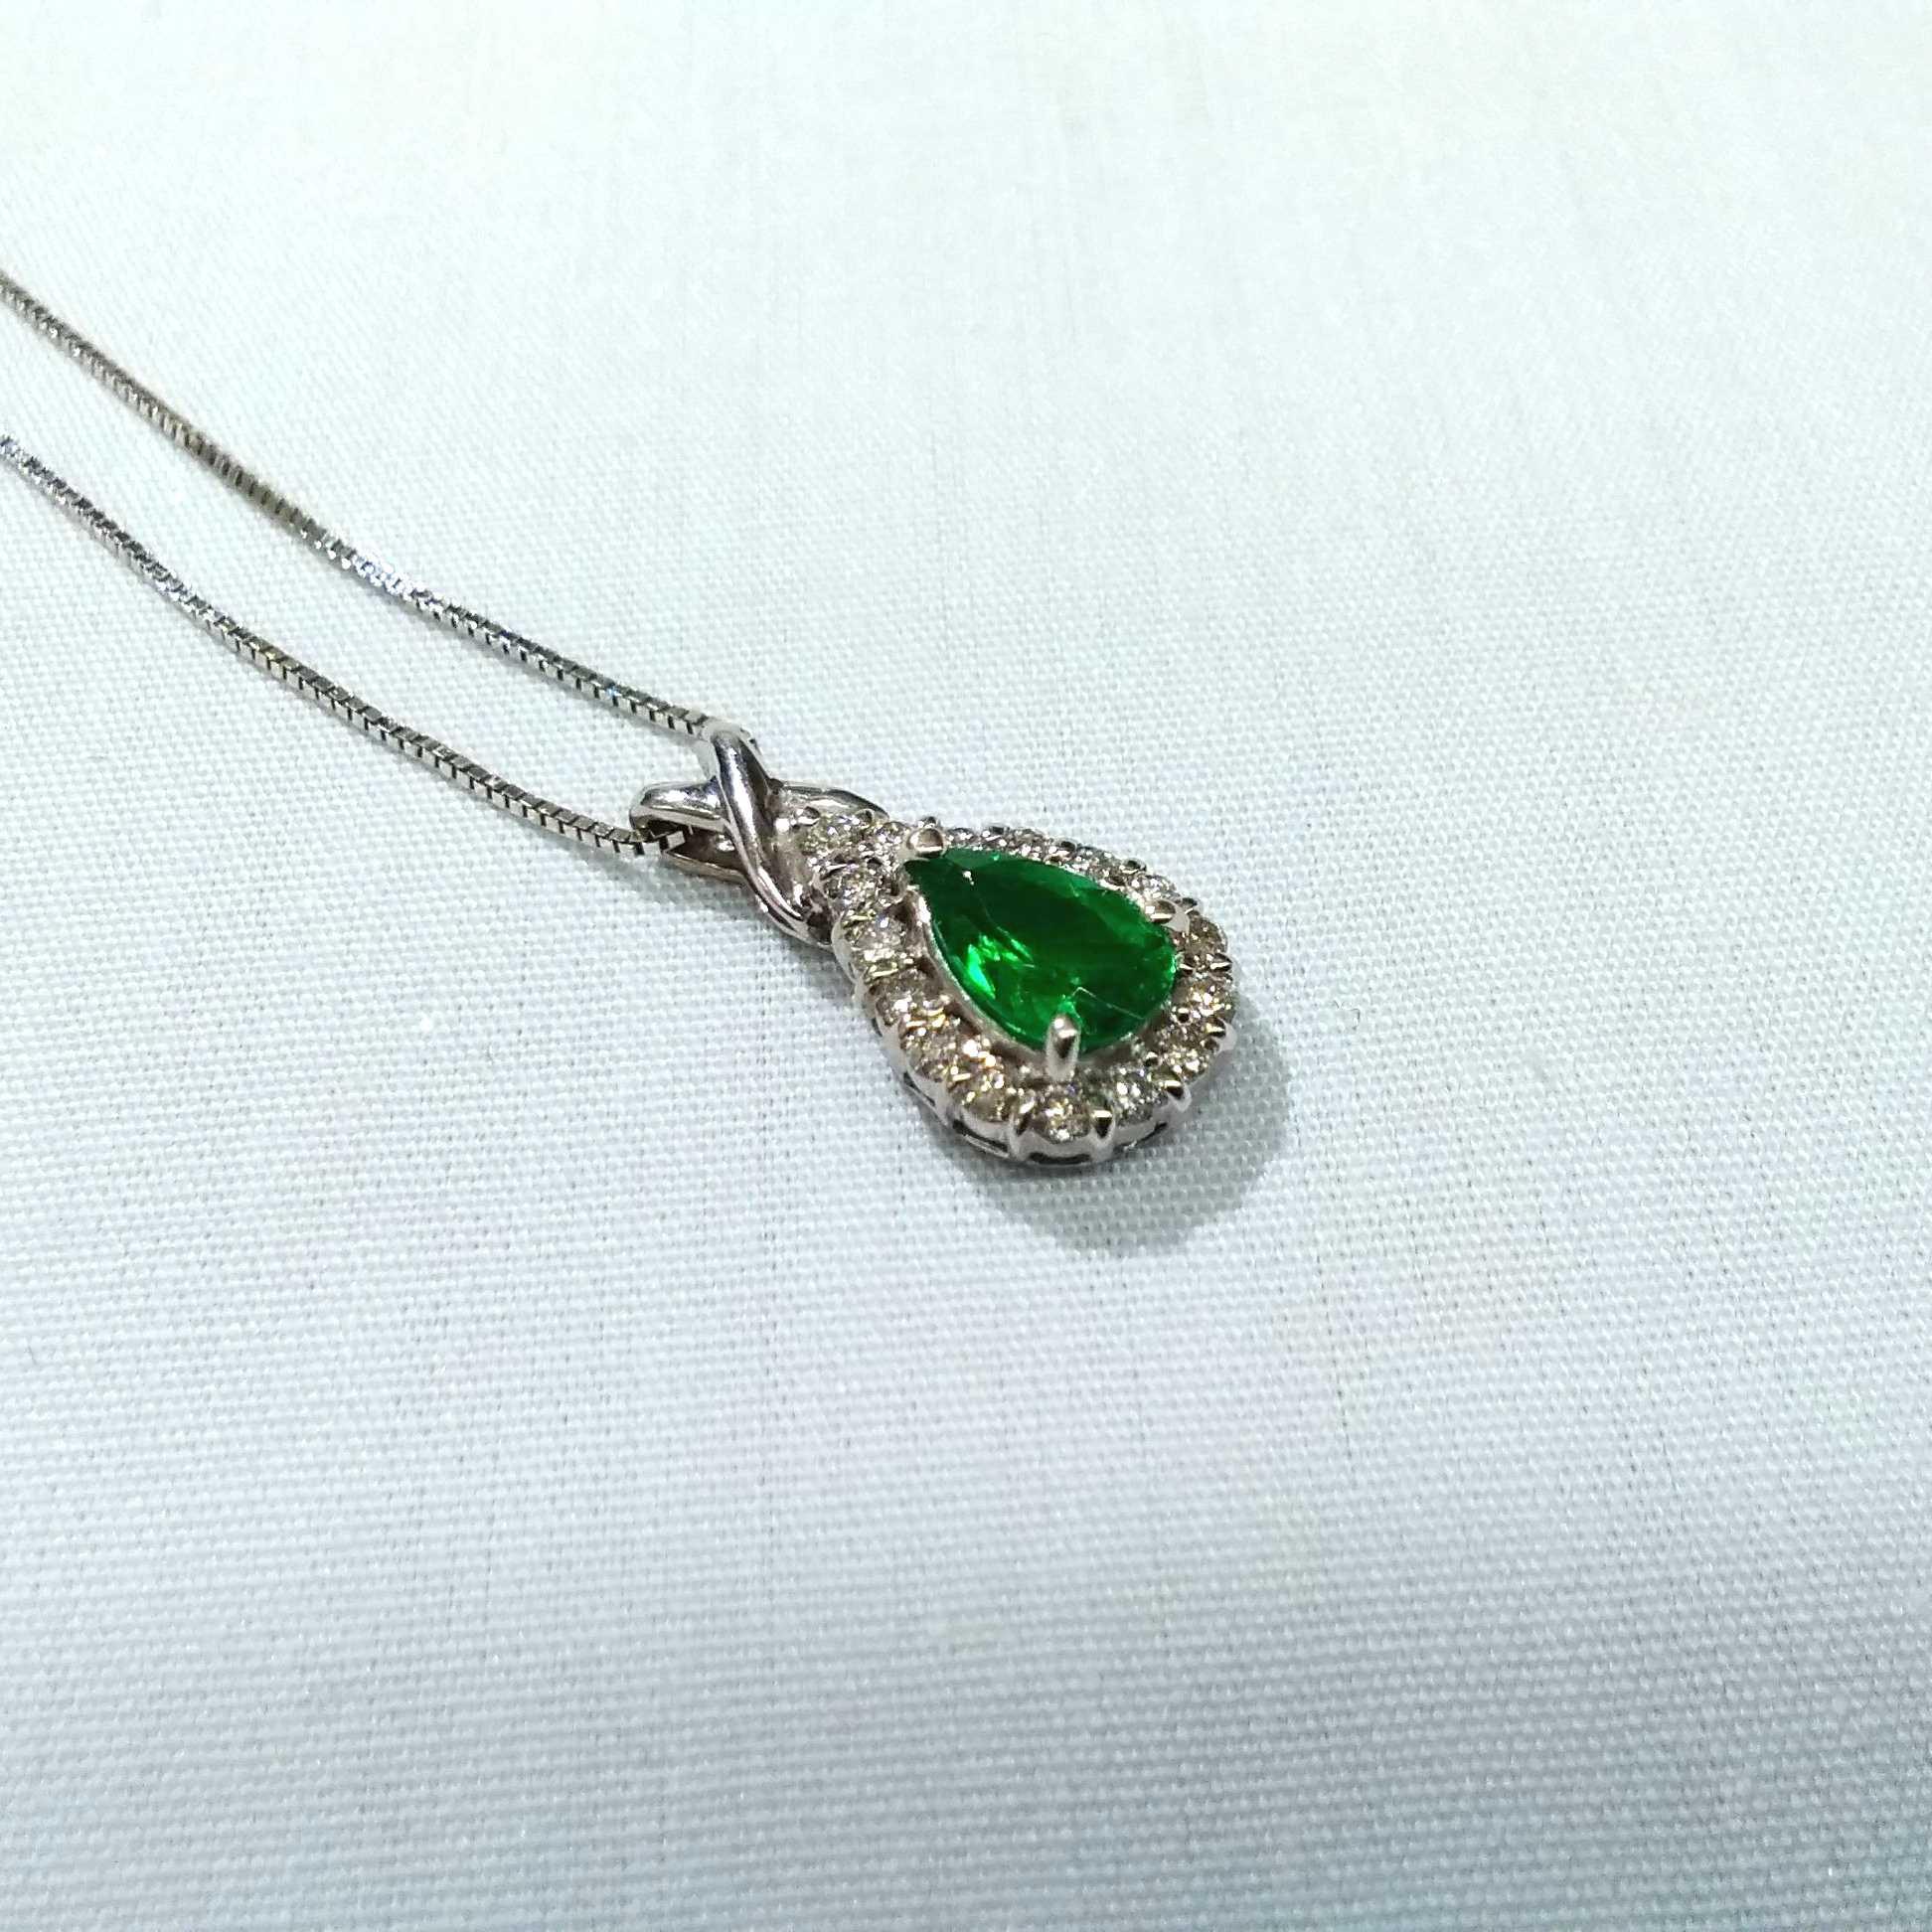 K18WGエメラルドネックレス|宝石付きネックレス